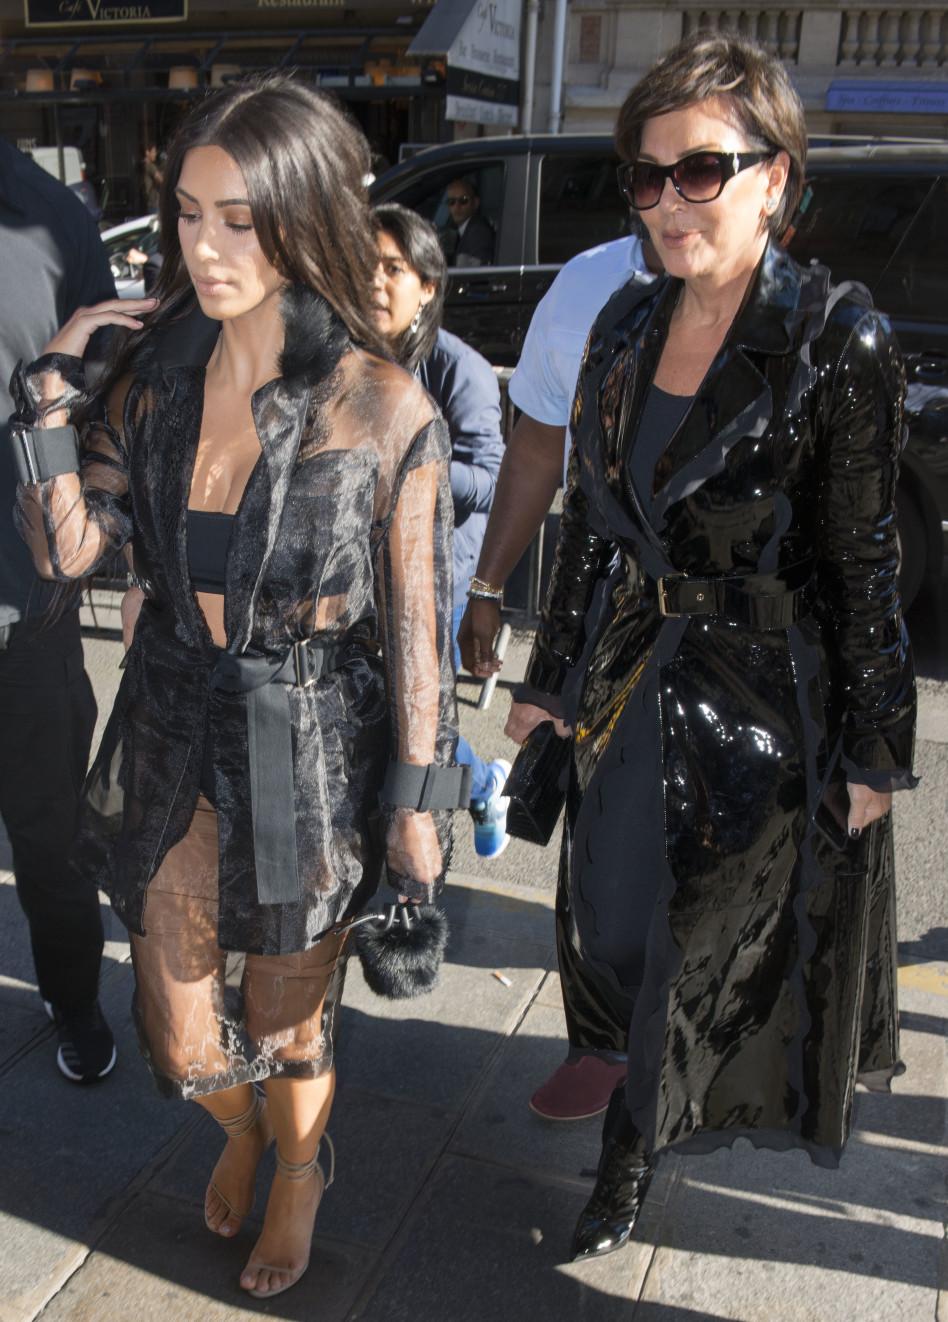 נכלאה בחדר האמבטיה. קים קרדישאן עם אמה בפריז (Splashnews)